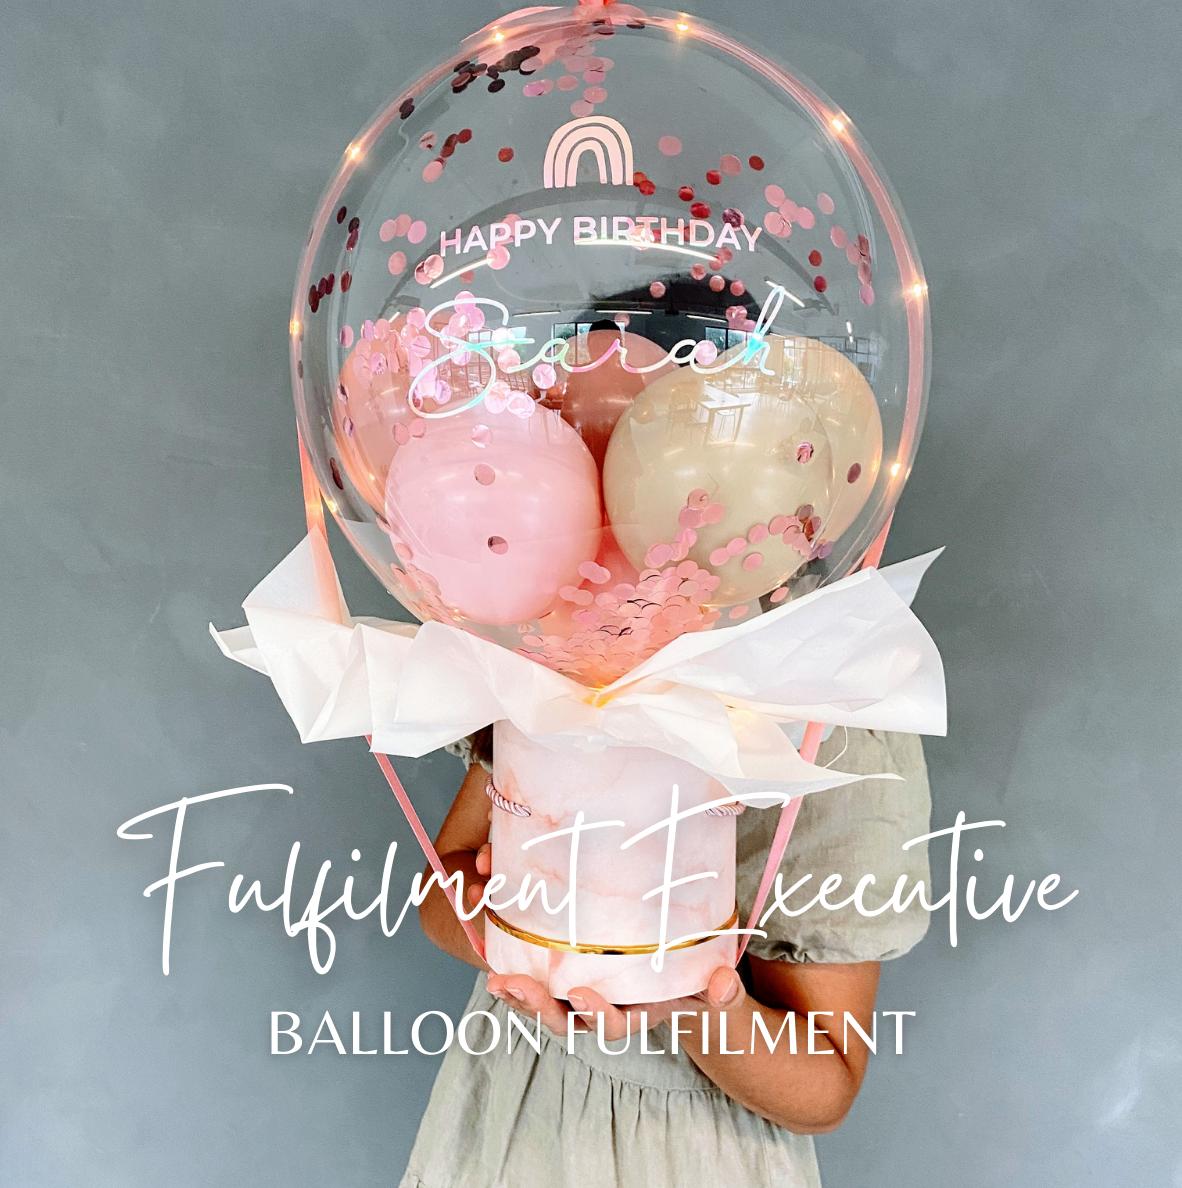 fulfilment-executive-givefunsg.png